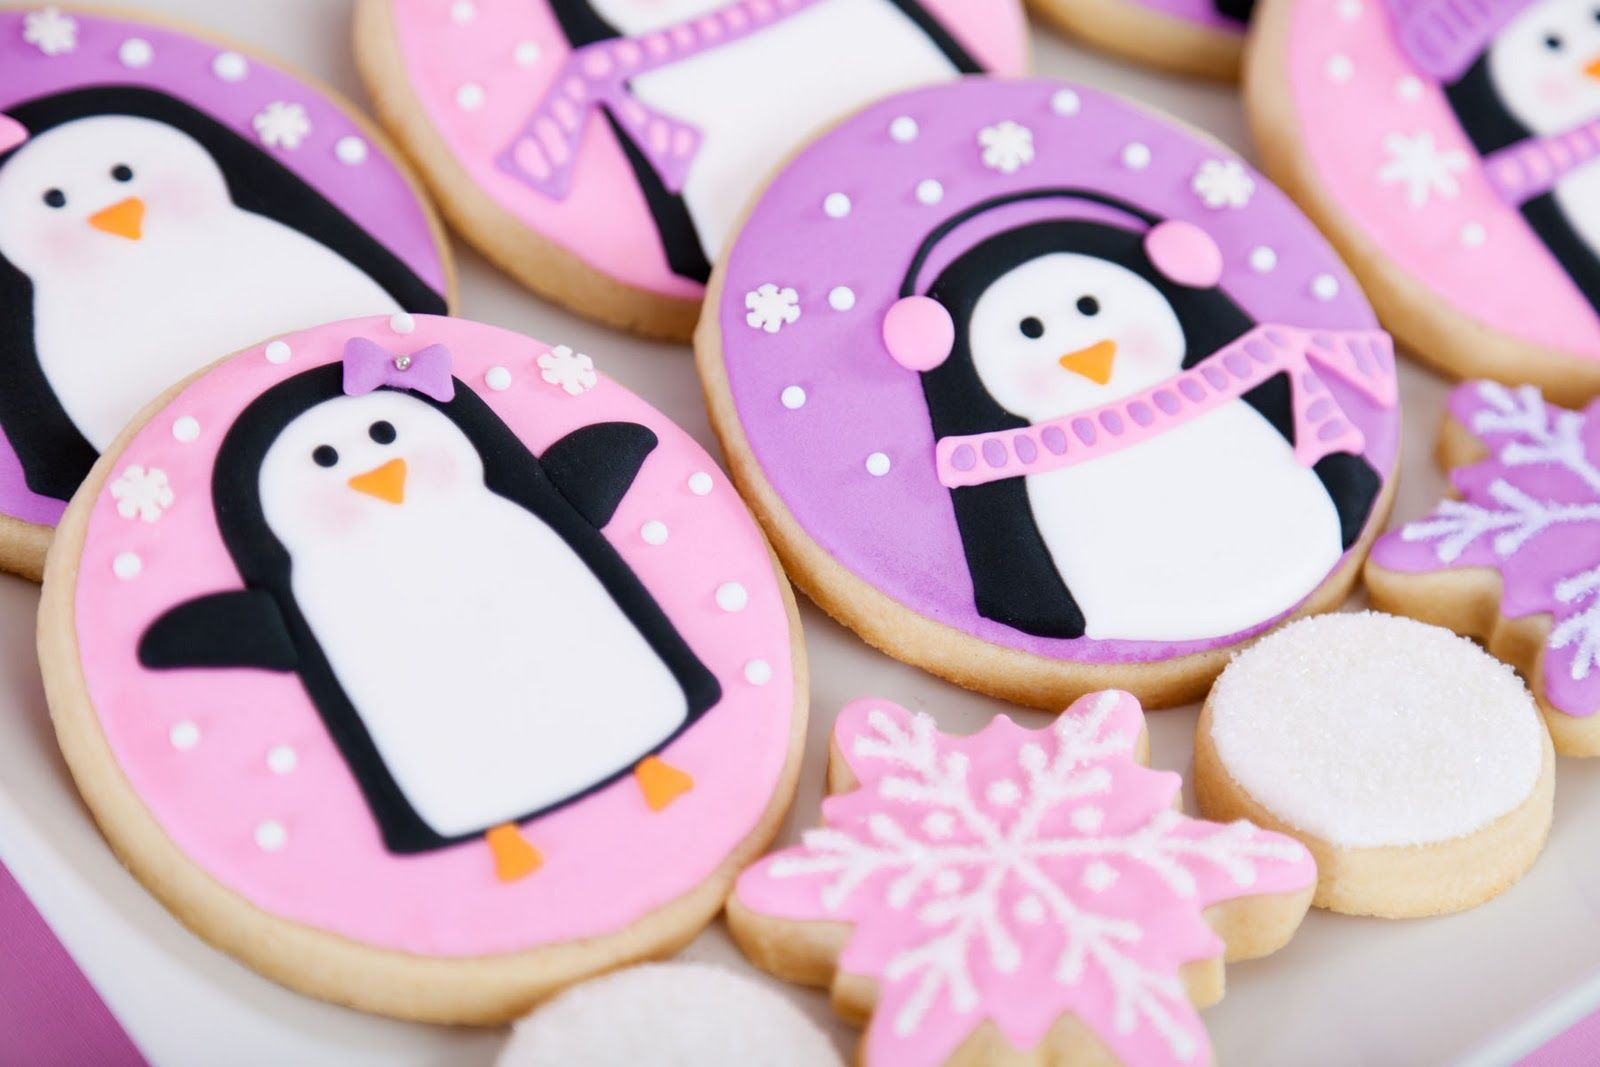 Pengin cookies